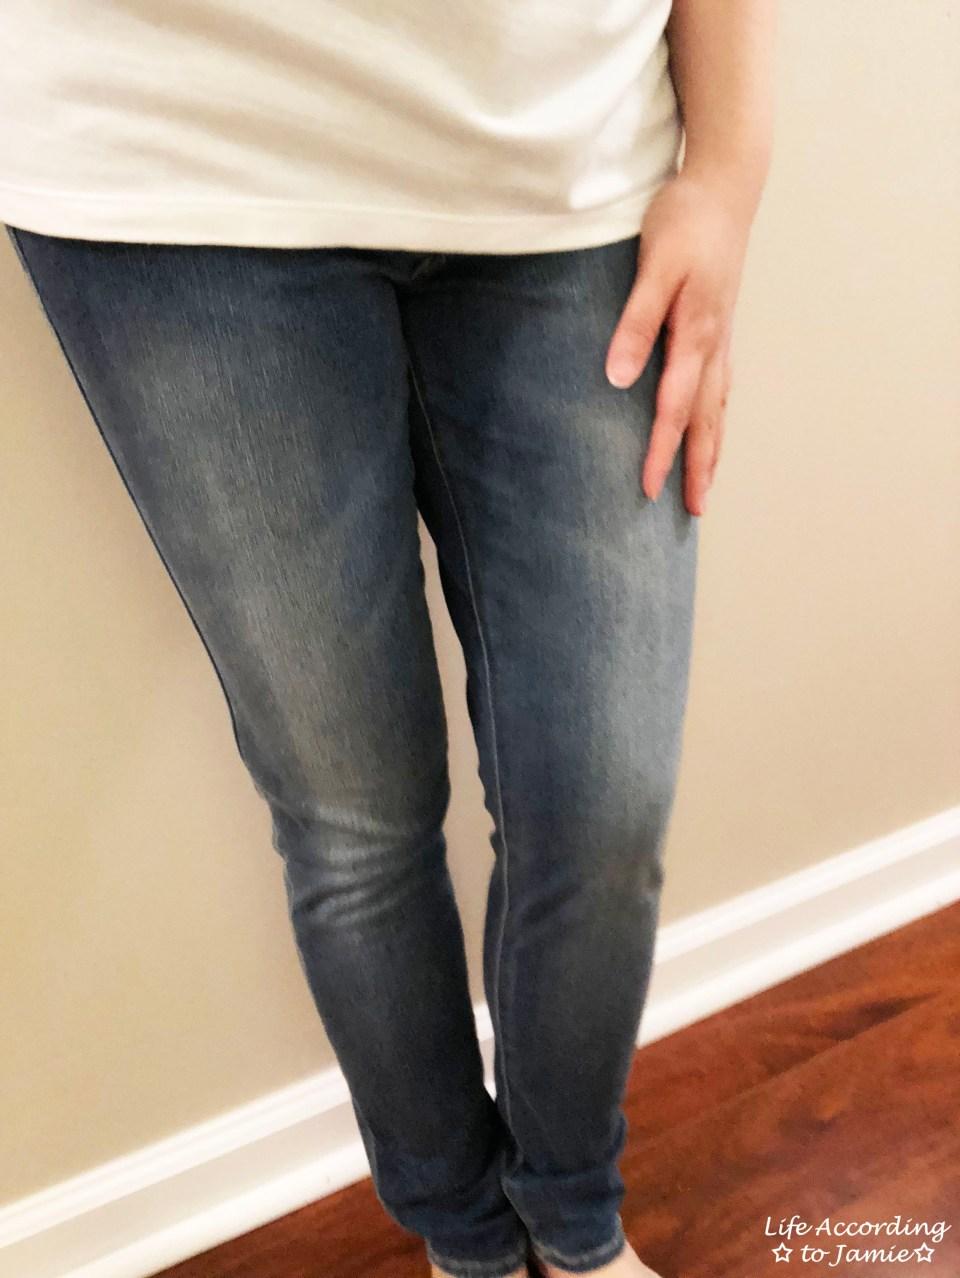 Rockstar 24-7 Jeans 1